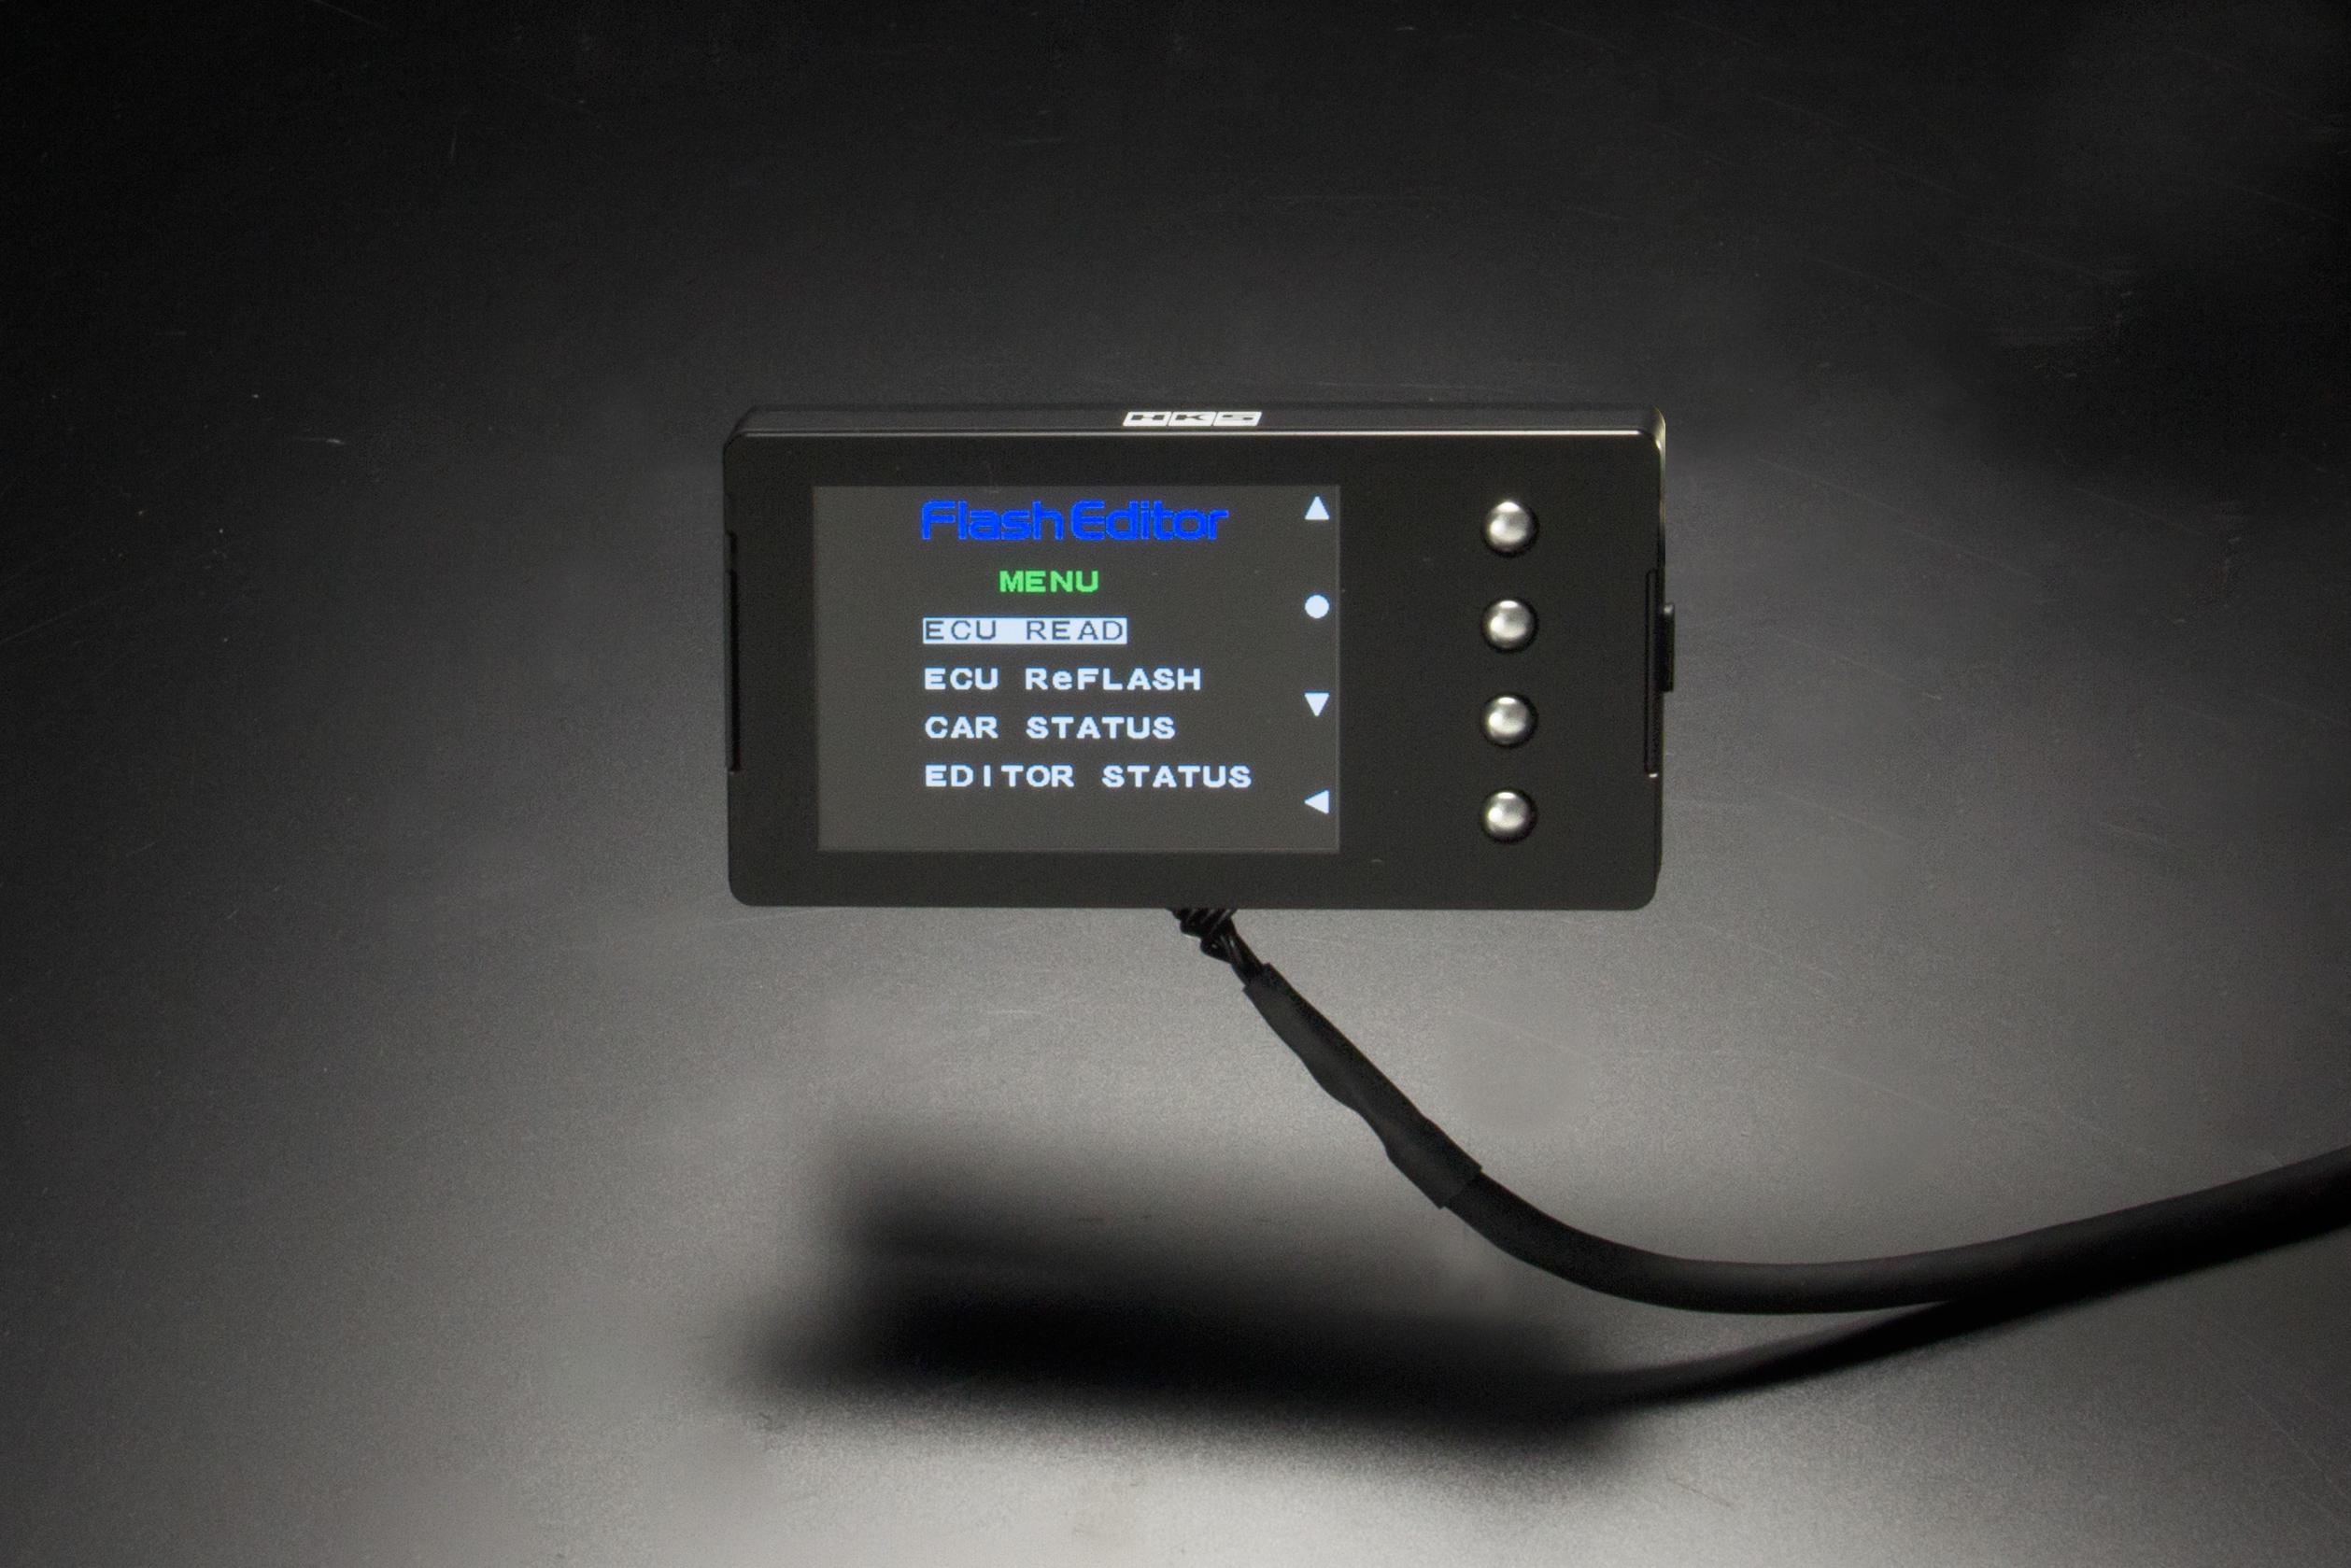 HKSからZC33Sスイフトスポーツ用のフラッシュエディターが登場。価格は7万円(税別)【 HKS  Flash Editor for ZC33S(MT車)】